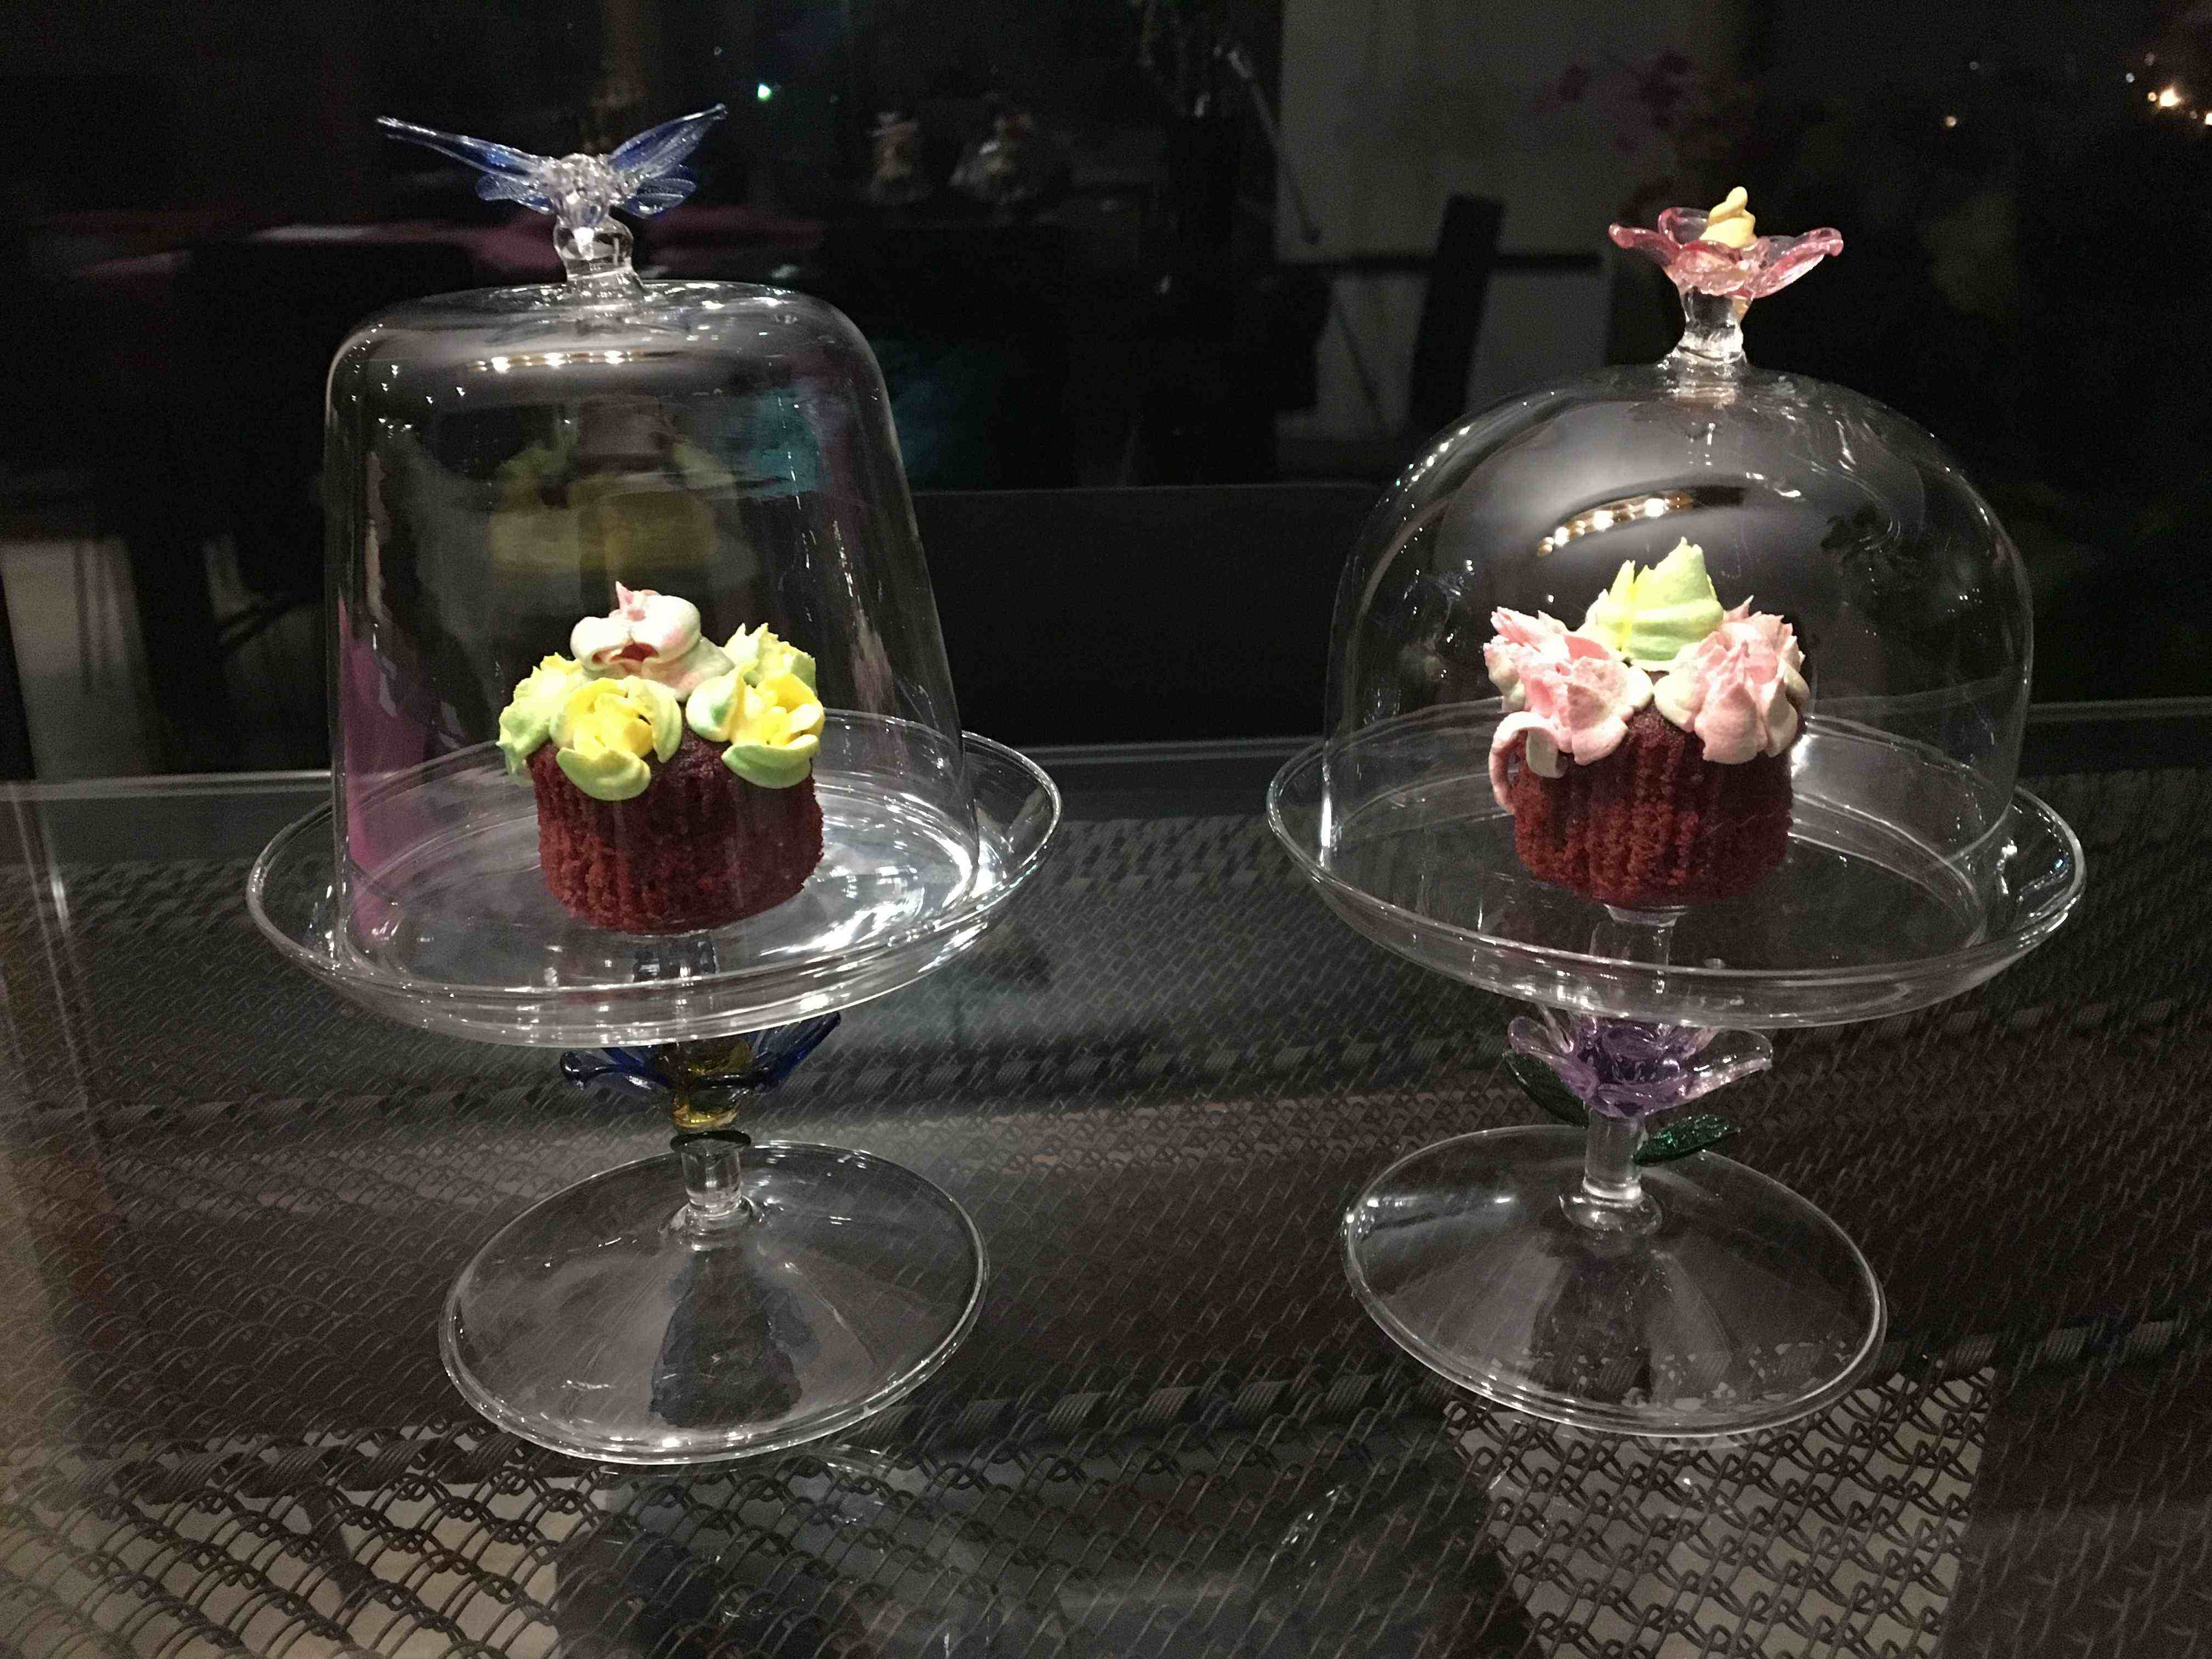 Red velvet cupcakes con Thermomix® : ¡Feliz día de San Valentín!